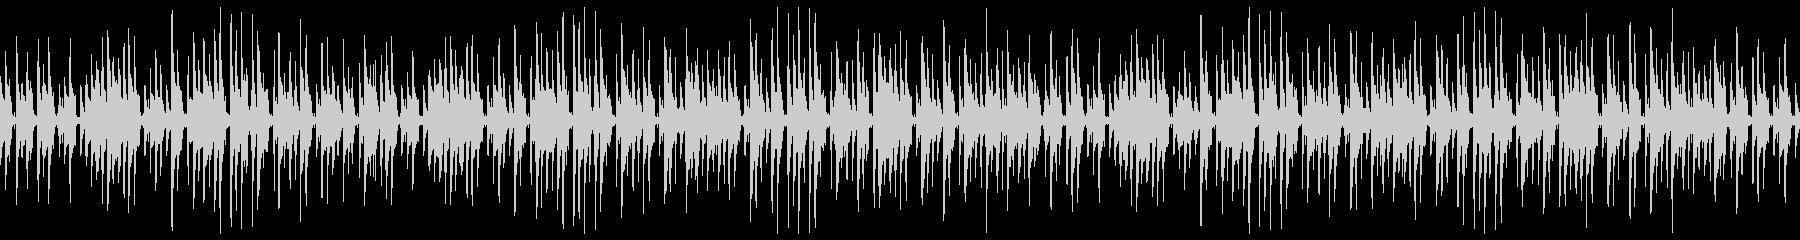 ほのぼのとしたウクレレと木琴のゆるい曲の未再生の波形